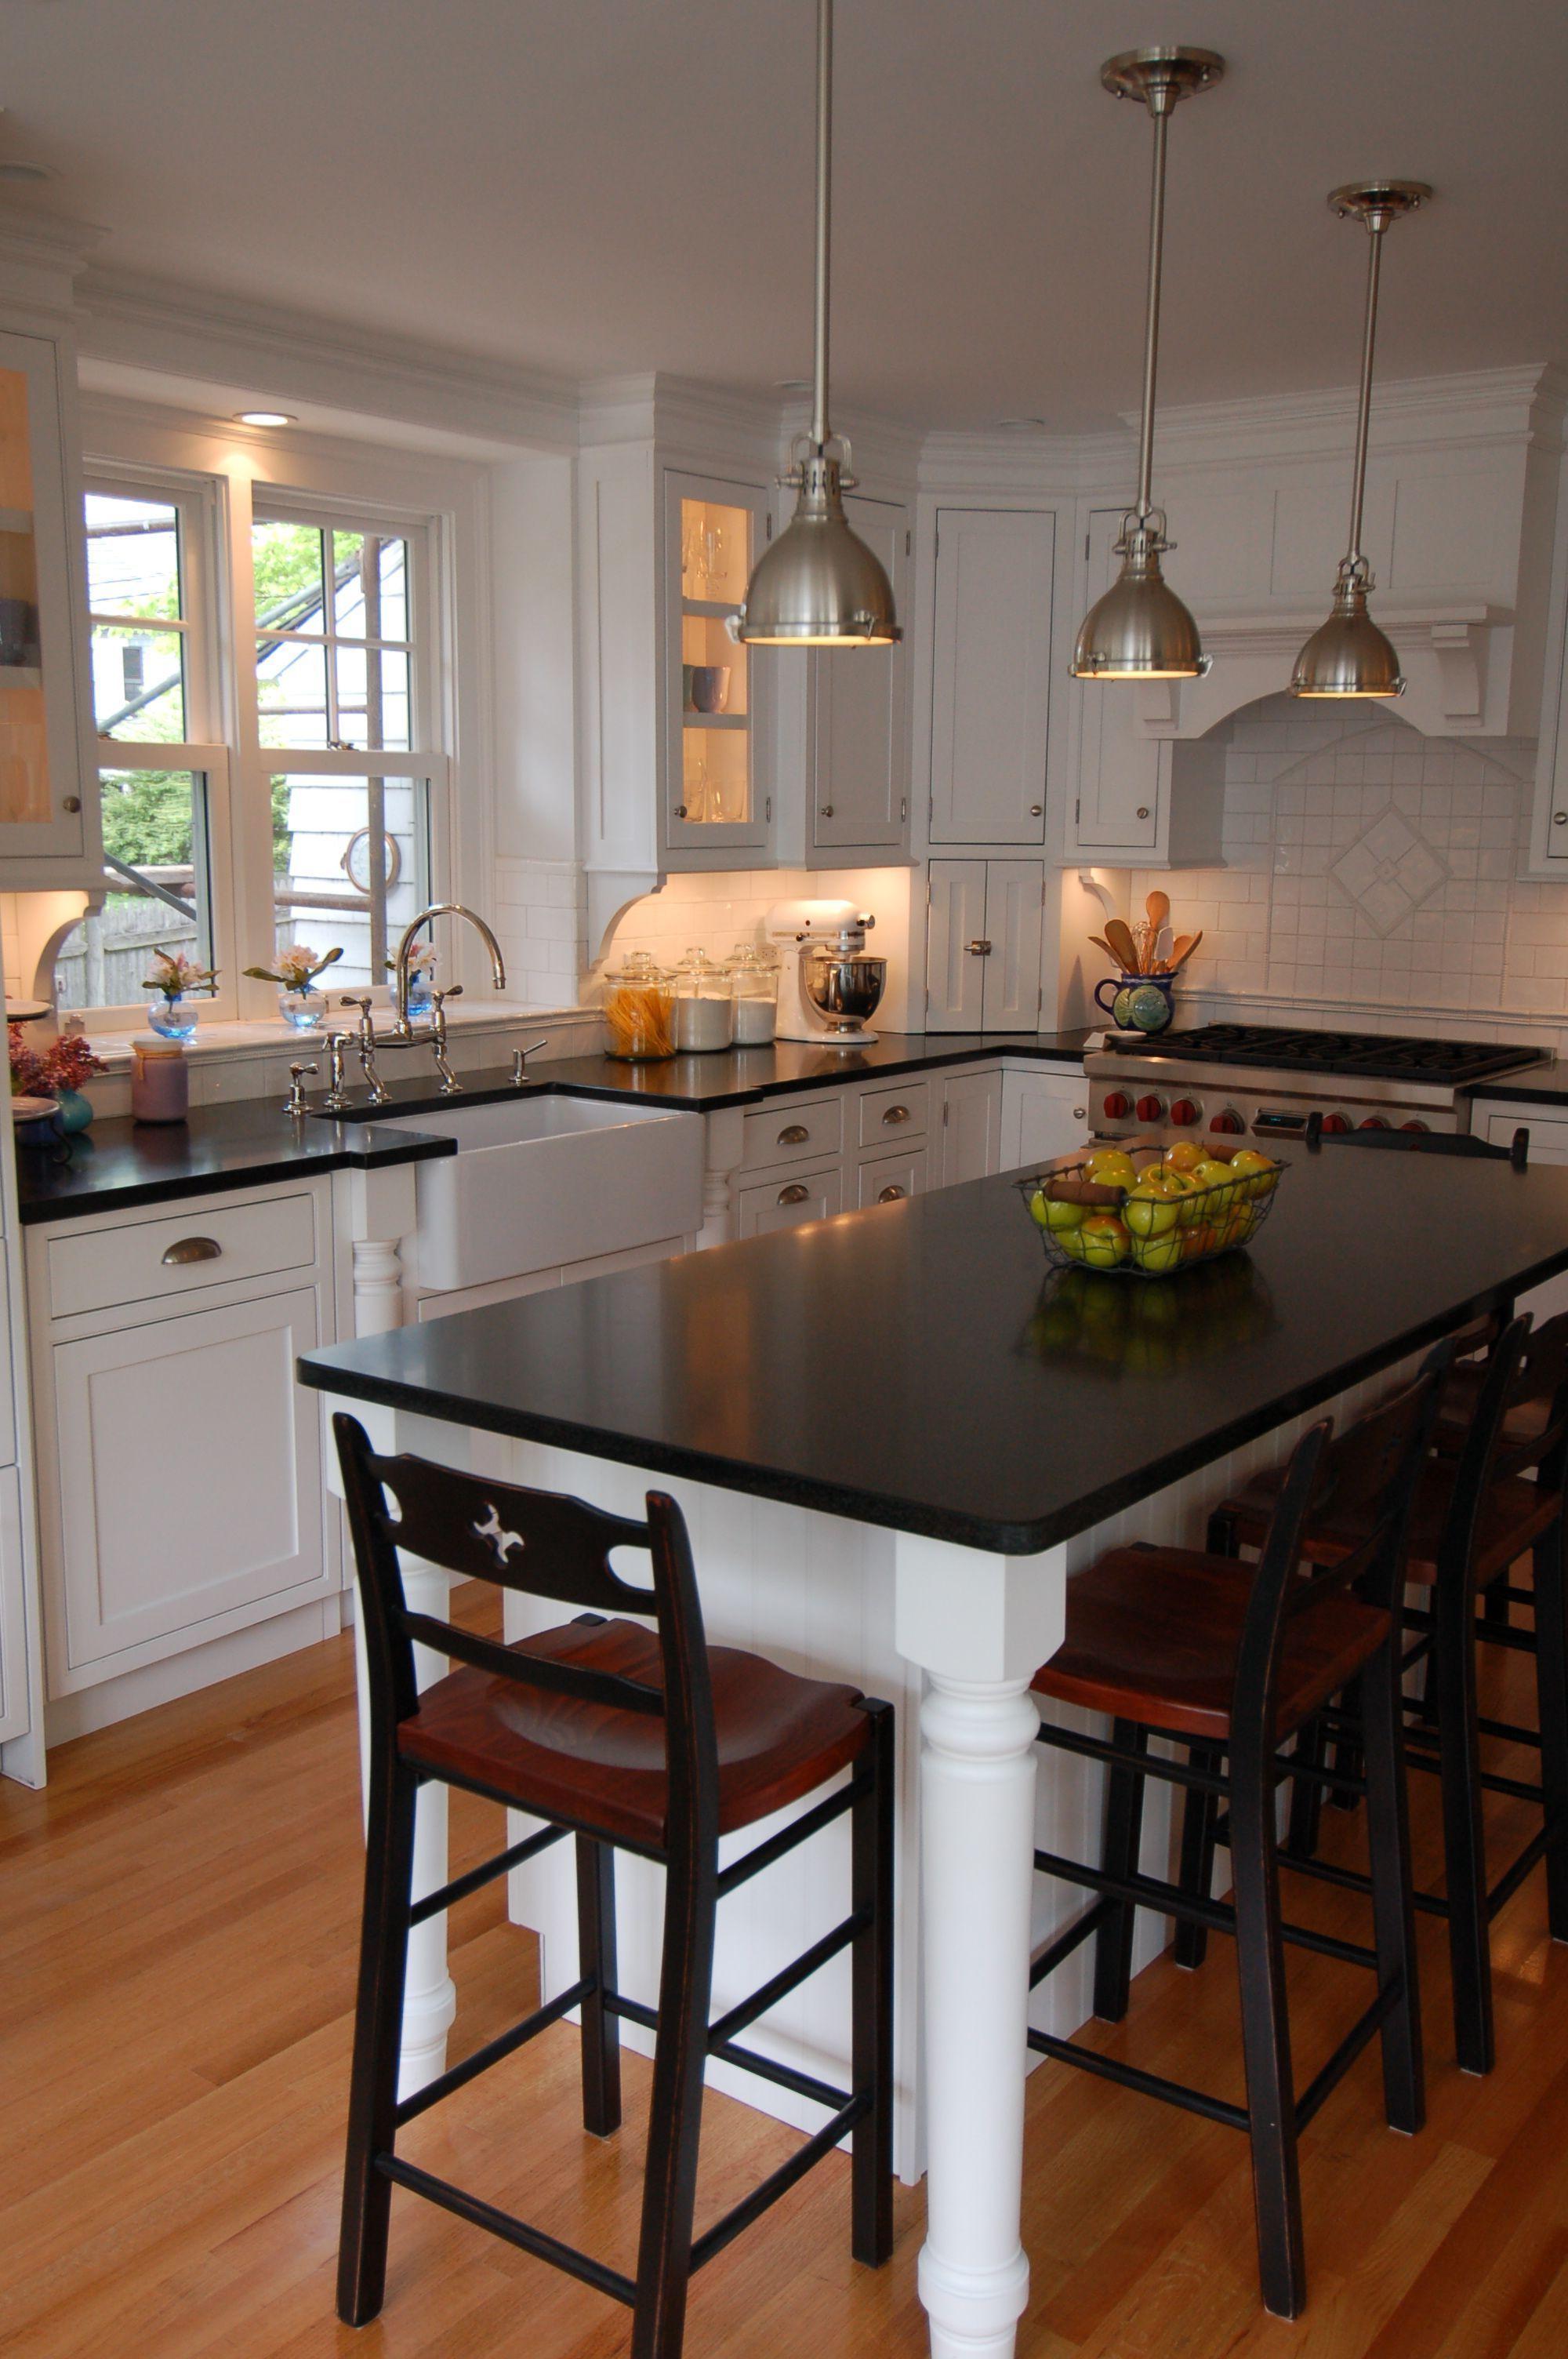 30 unique kitchen island designs kitchen design kitchen remodel kitchen design diy on kitchen layouts with island id=90984